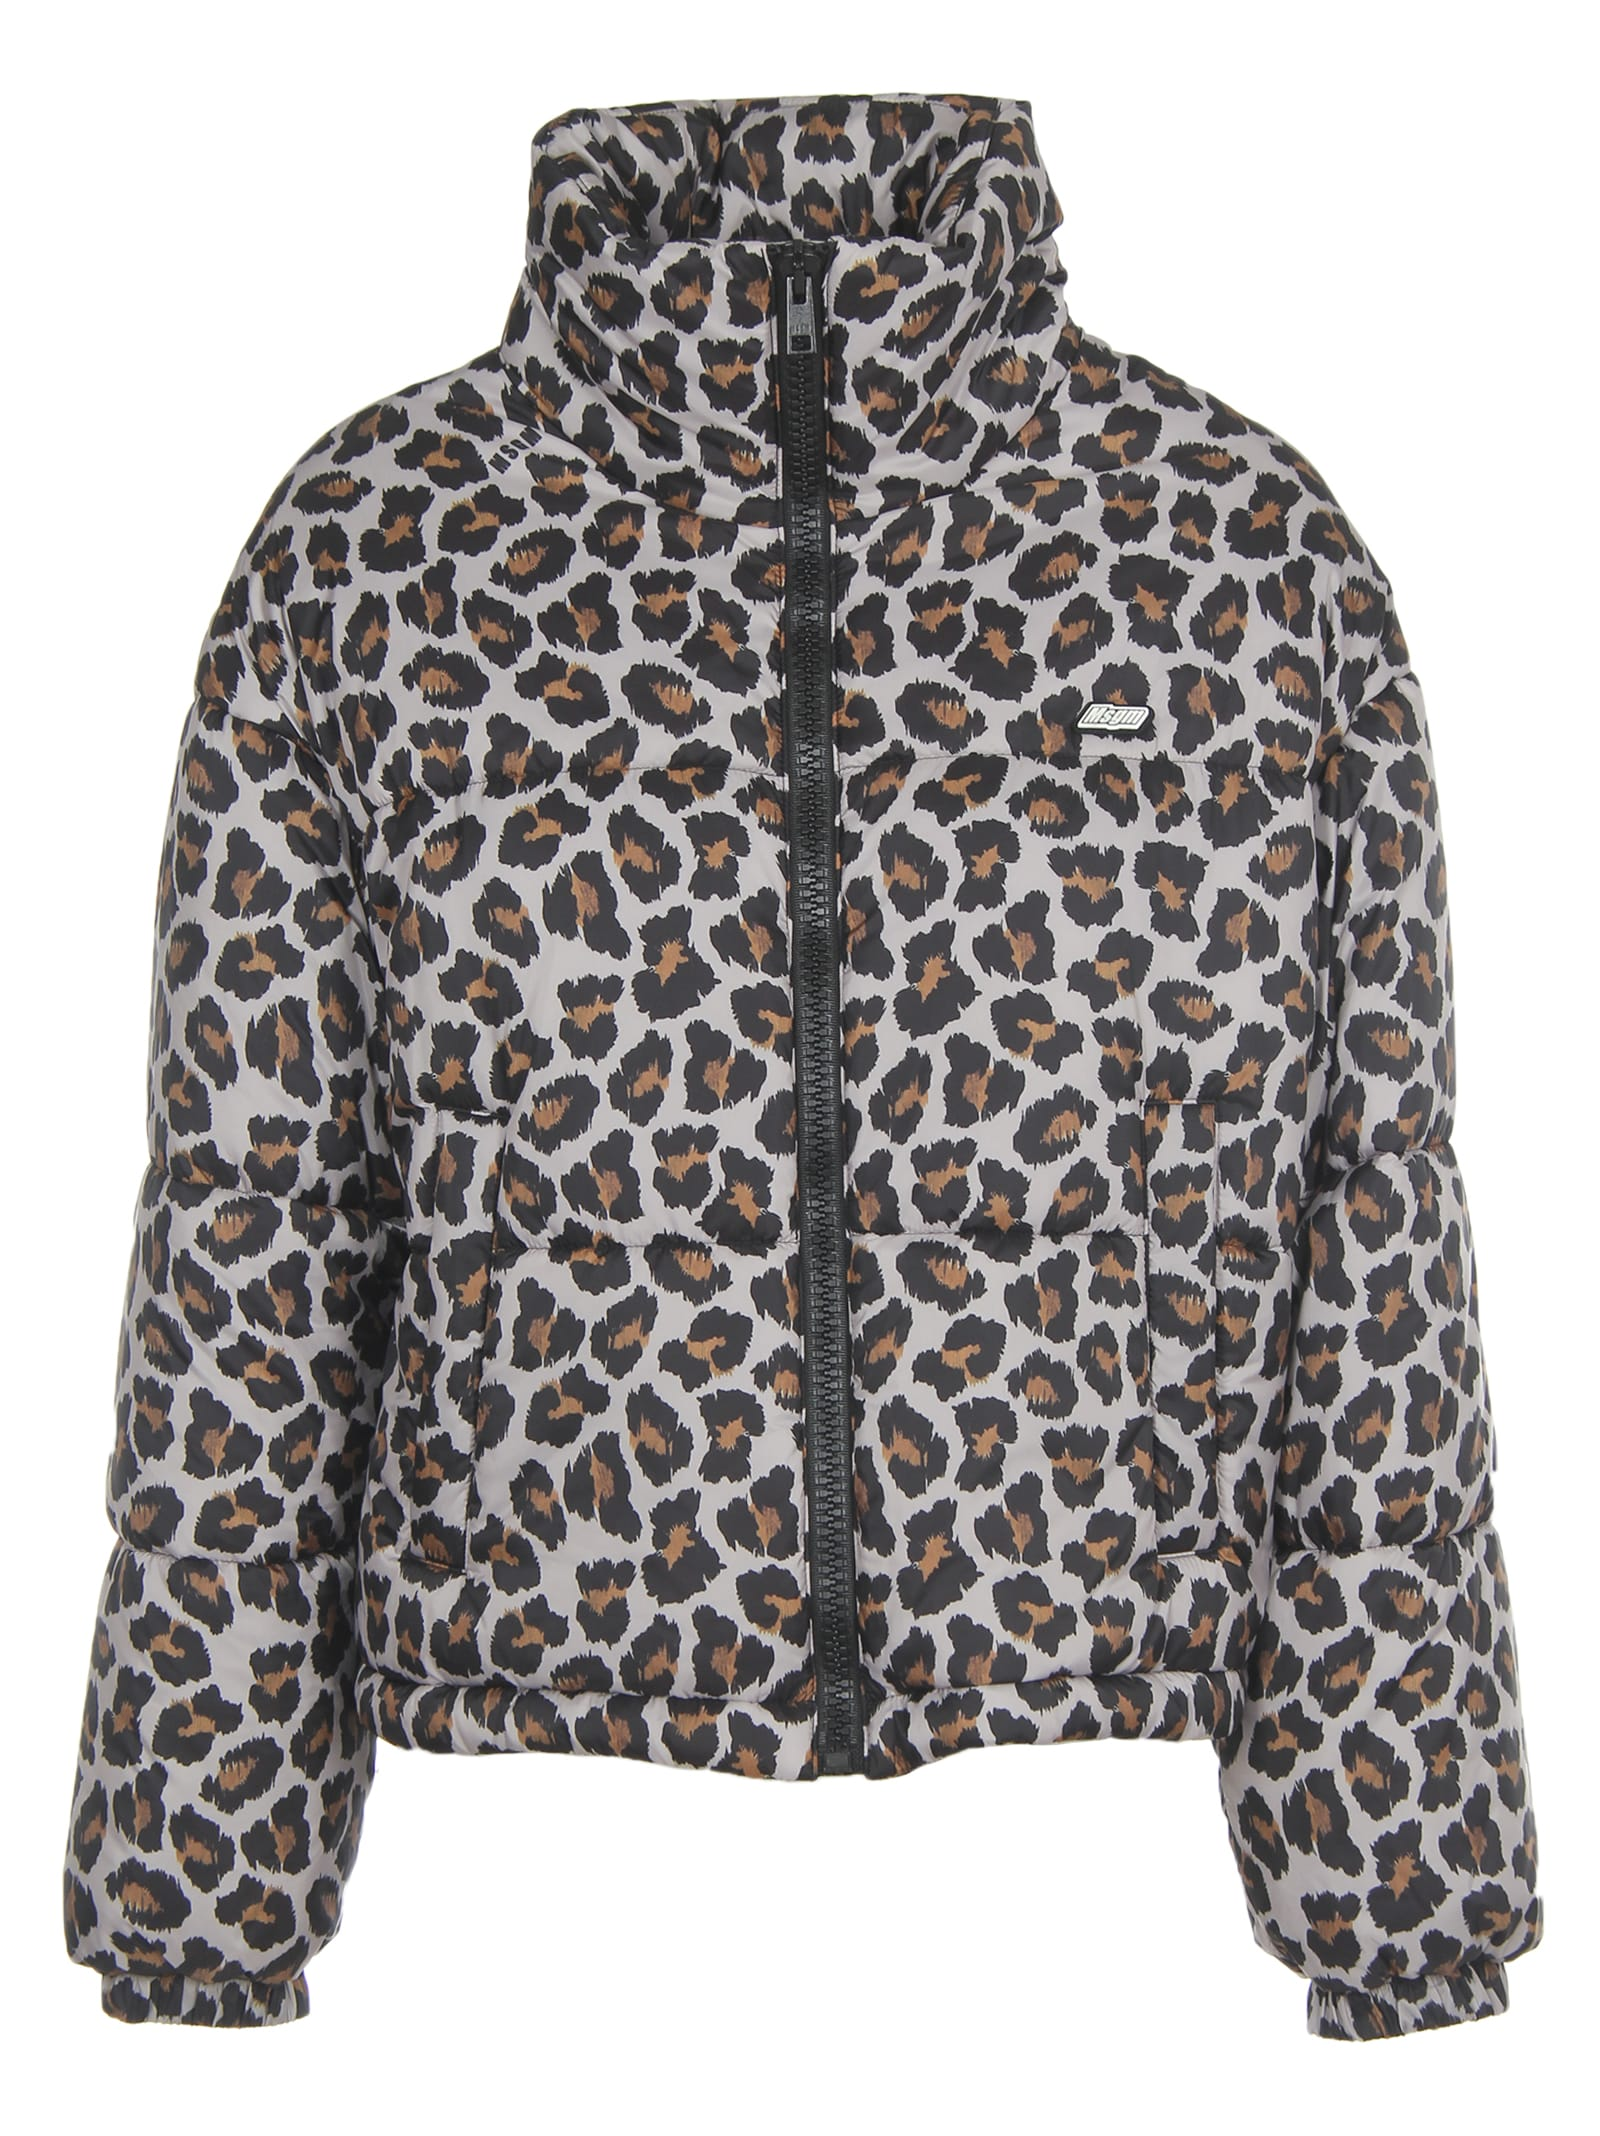 MSGM Leopard Print Down Short Jacket